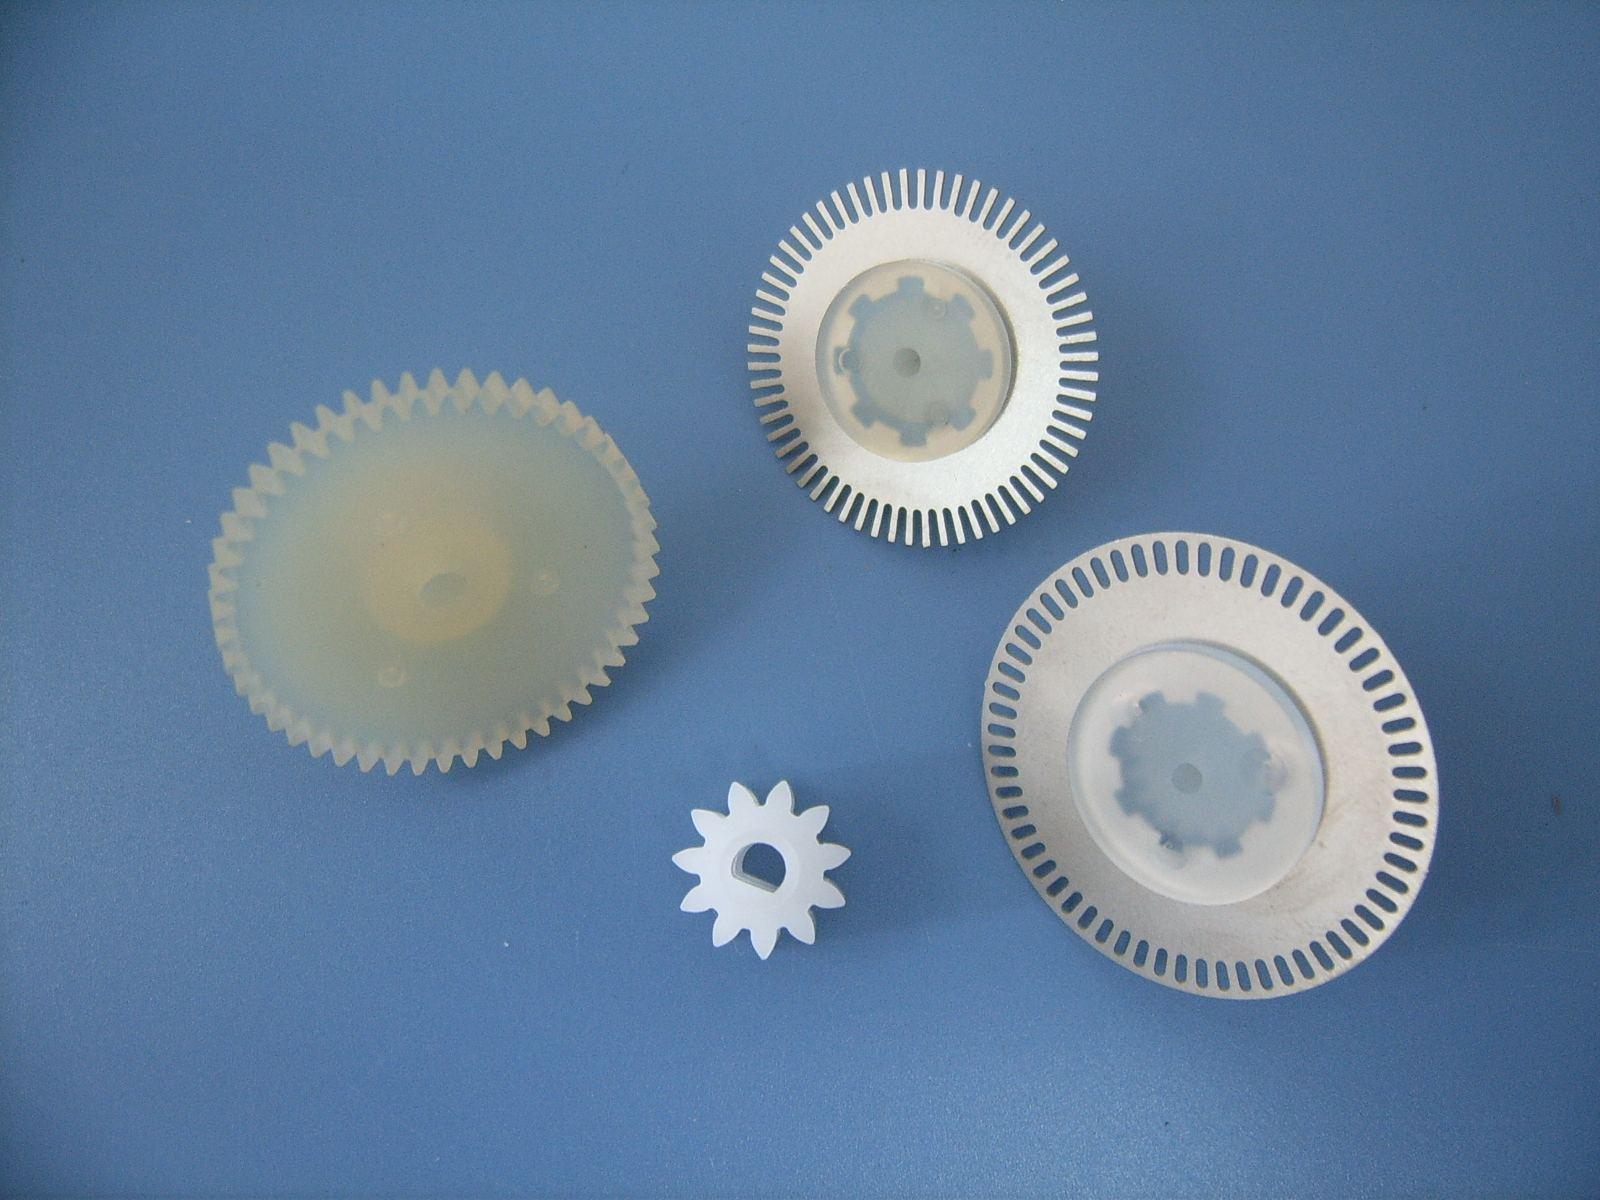 塑料工件测量如何做到不变形?一键得出测量数据